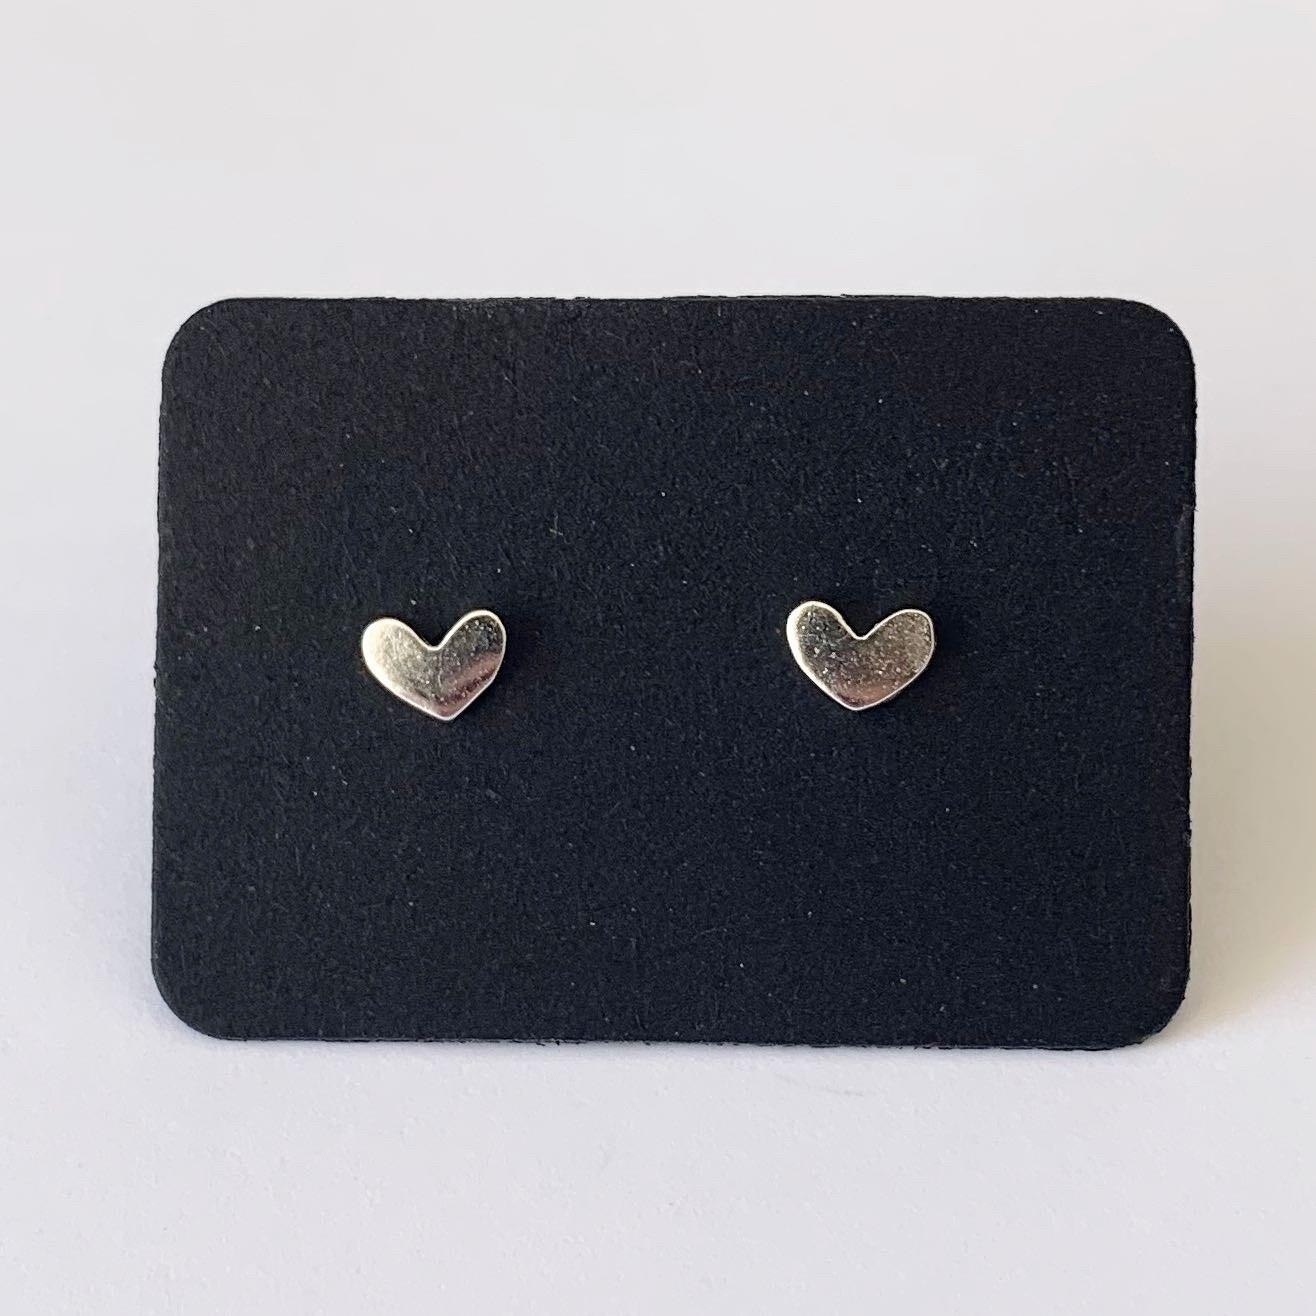 Tiny heart knopjes 925 sterling zilver